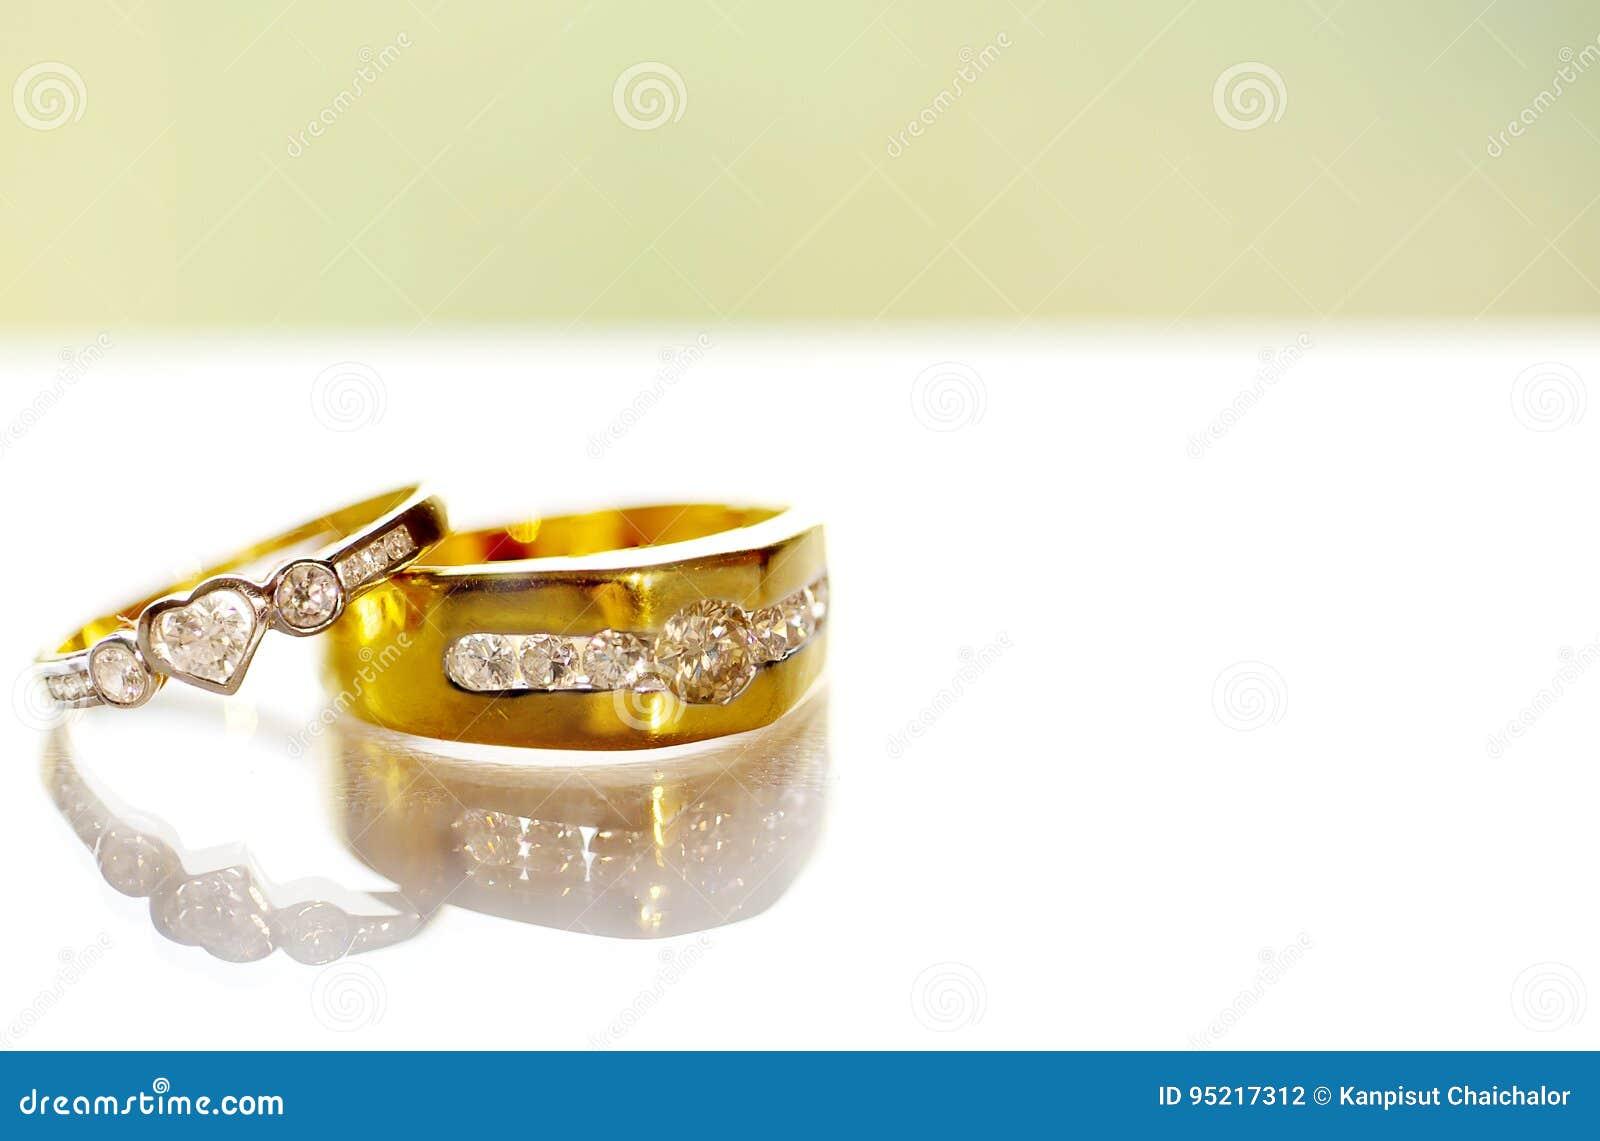 在白色背景的两个金钻石婚圆环 与金刚石的金婚圆环在白色背景